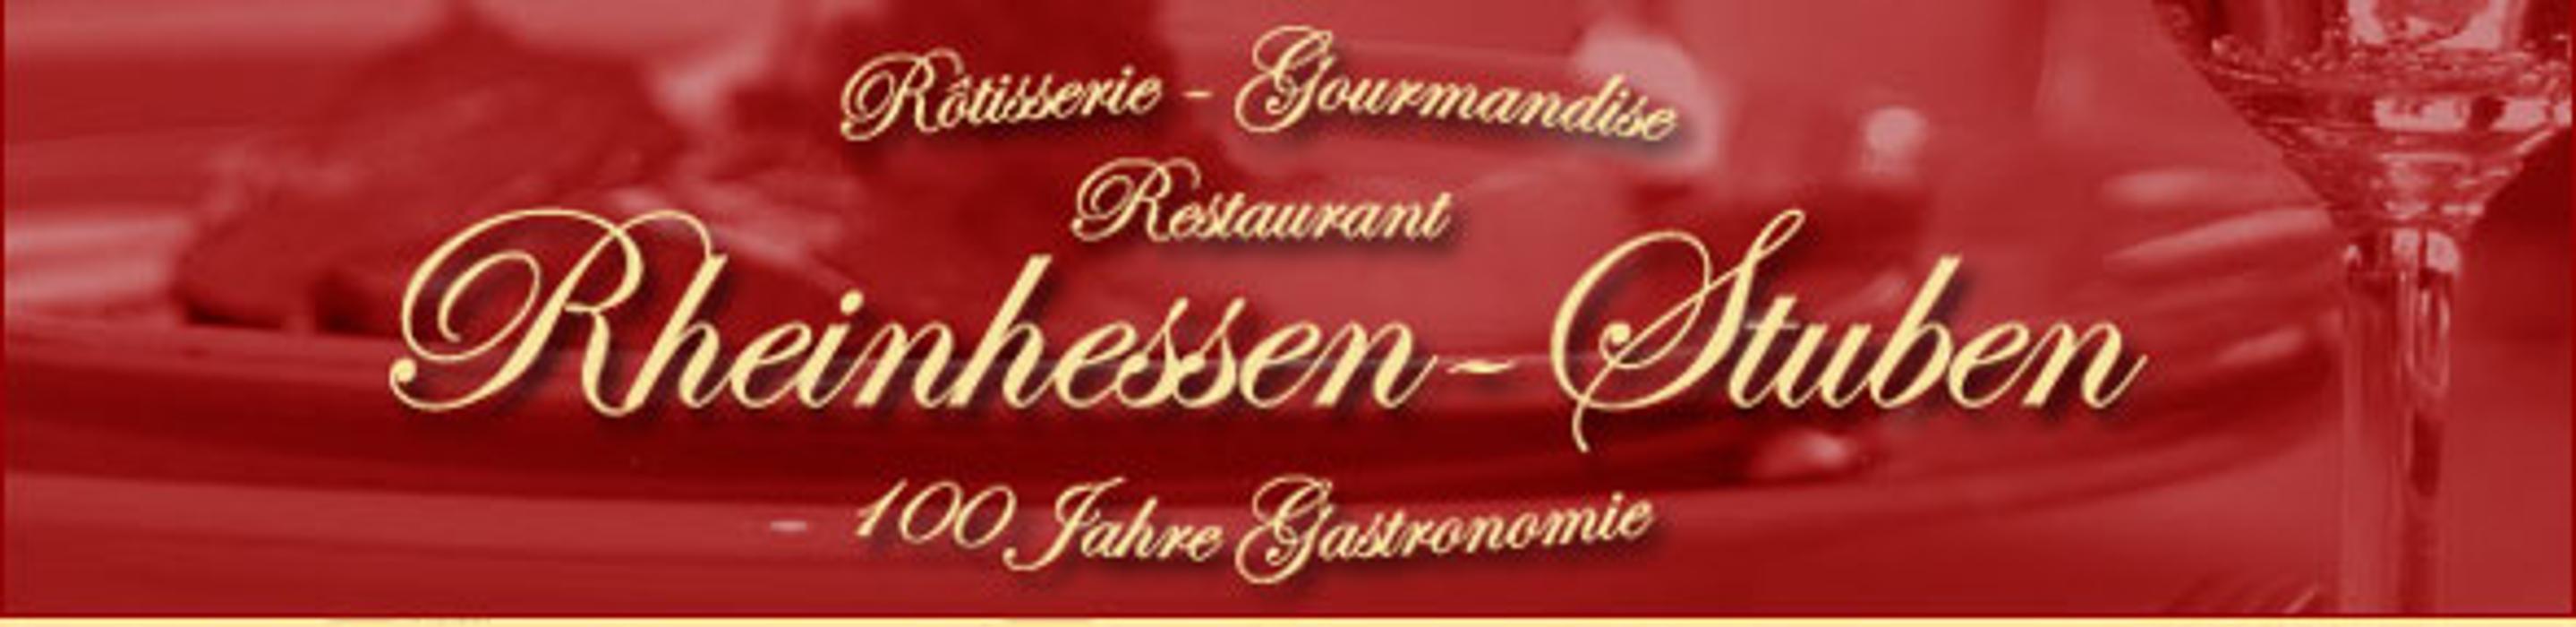 Bild zu Rheinhessen-Stuben in Hahnheim